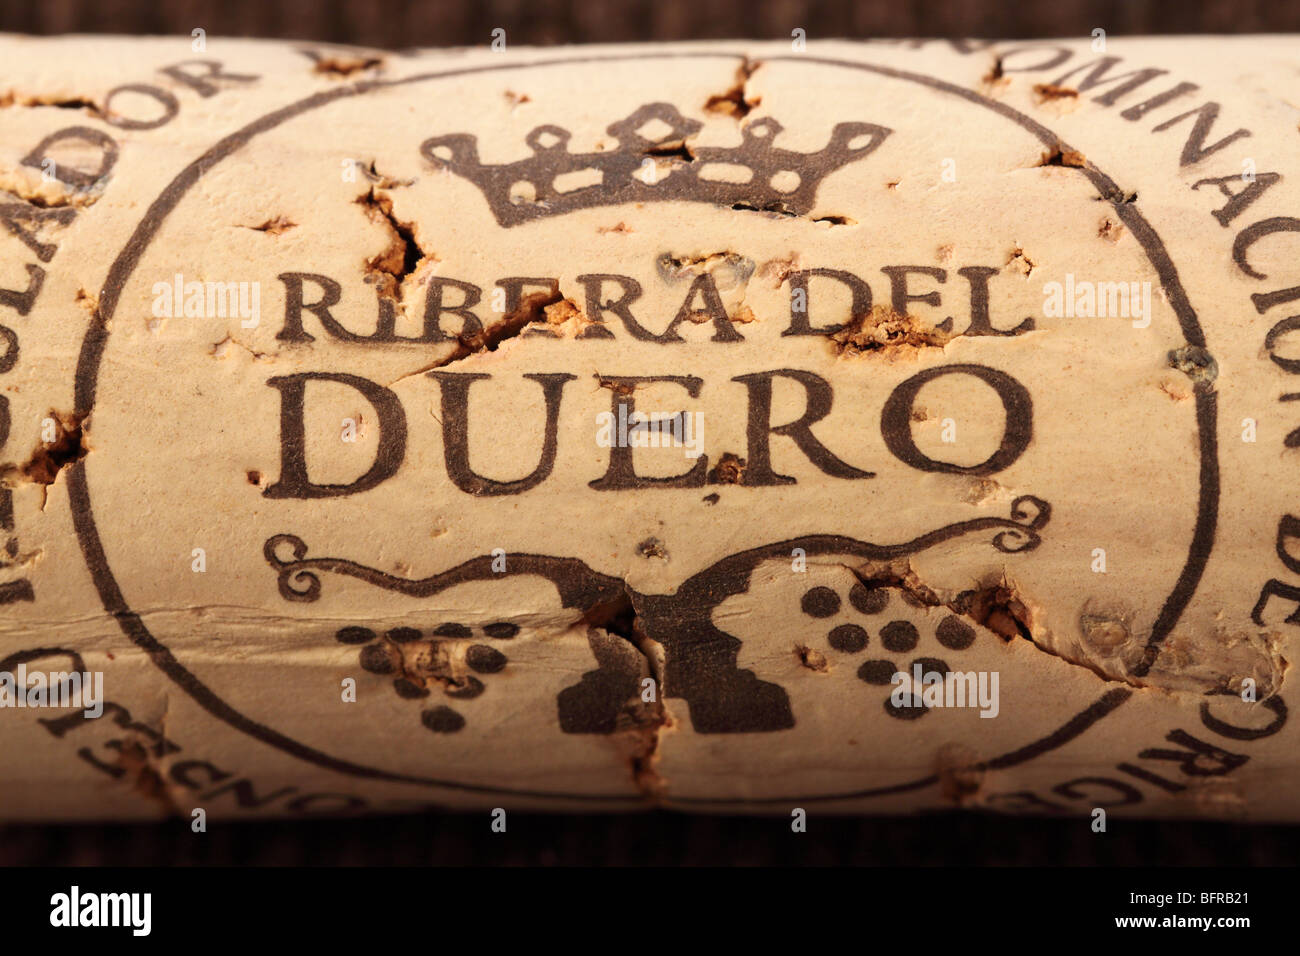 Ribera del Duero wine cork stopper - Stock Image